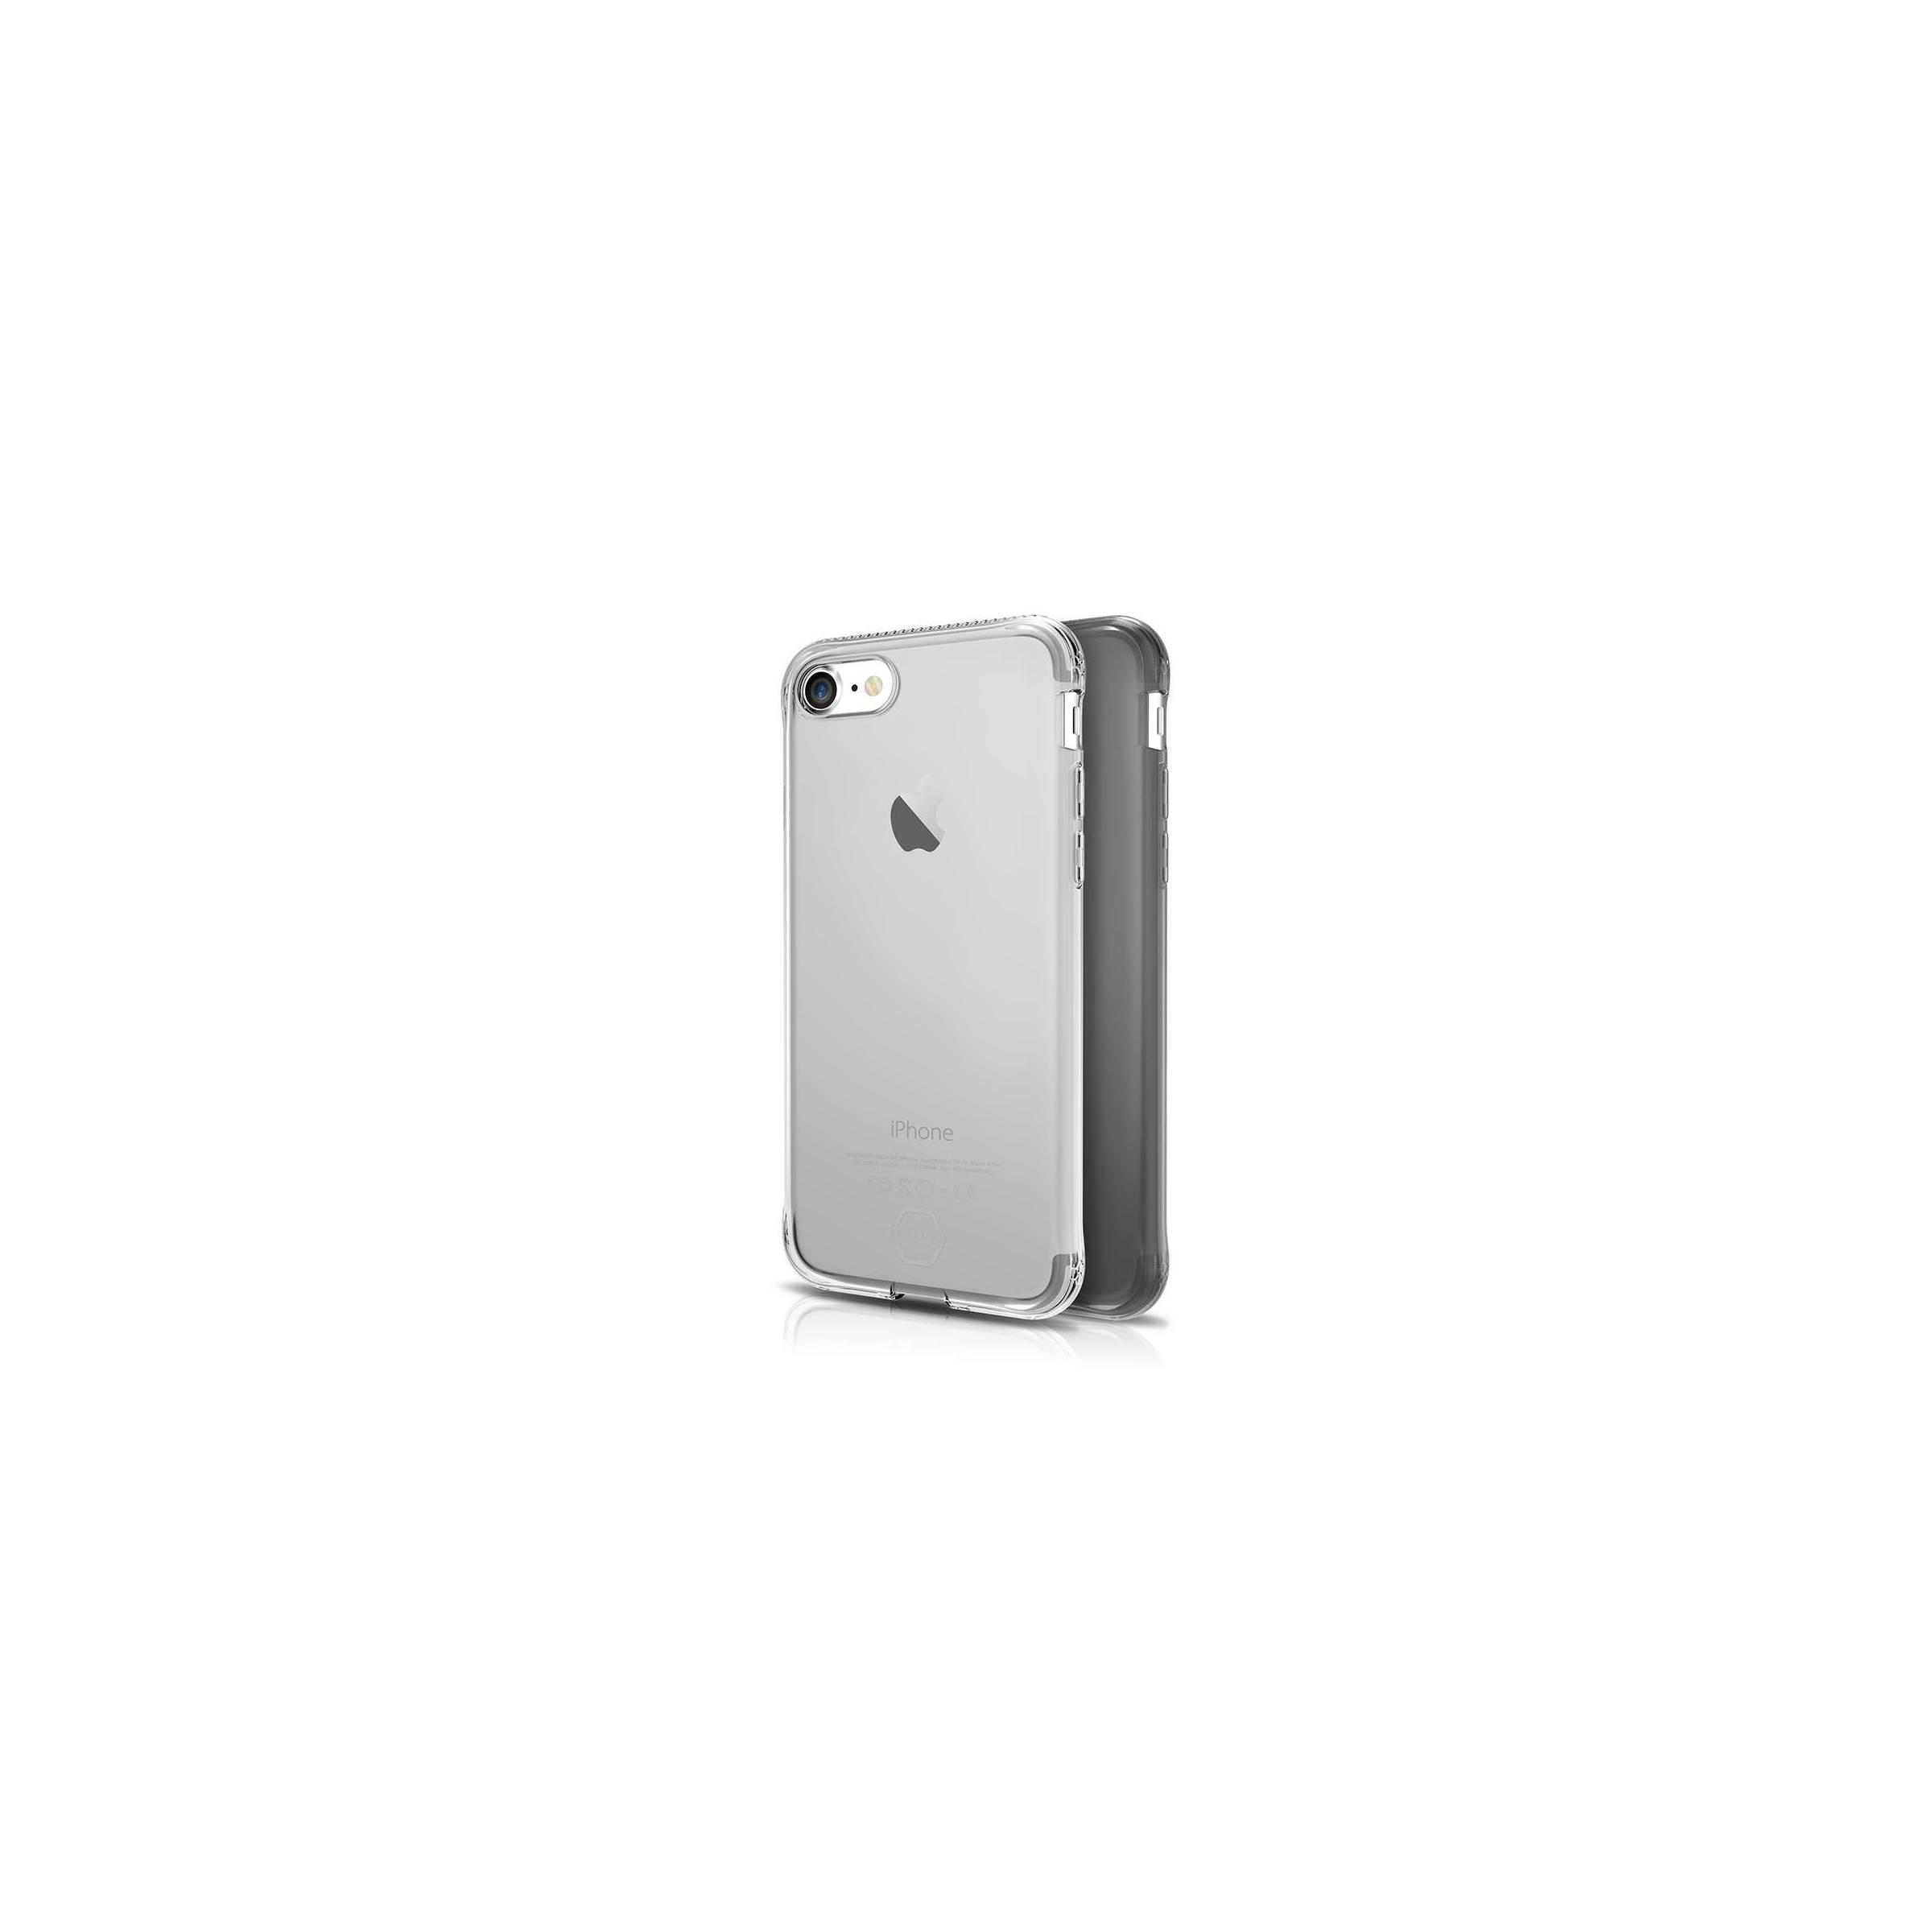 itskins Itskins slim silikone protect gel iphone 7 & 8 cover dobbelt 2x pakke farve klar & sort på mackabler.dk